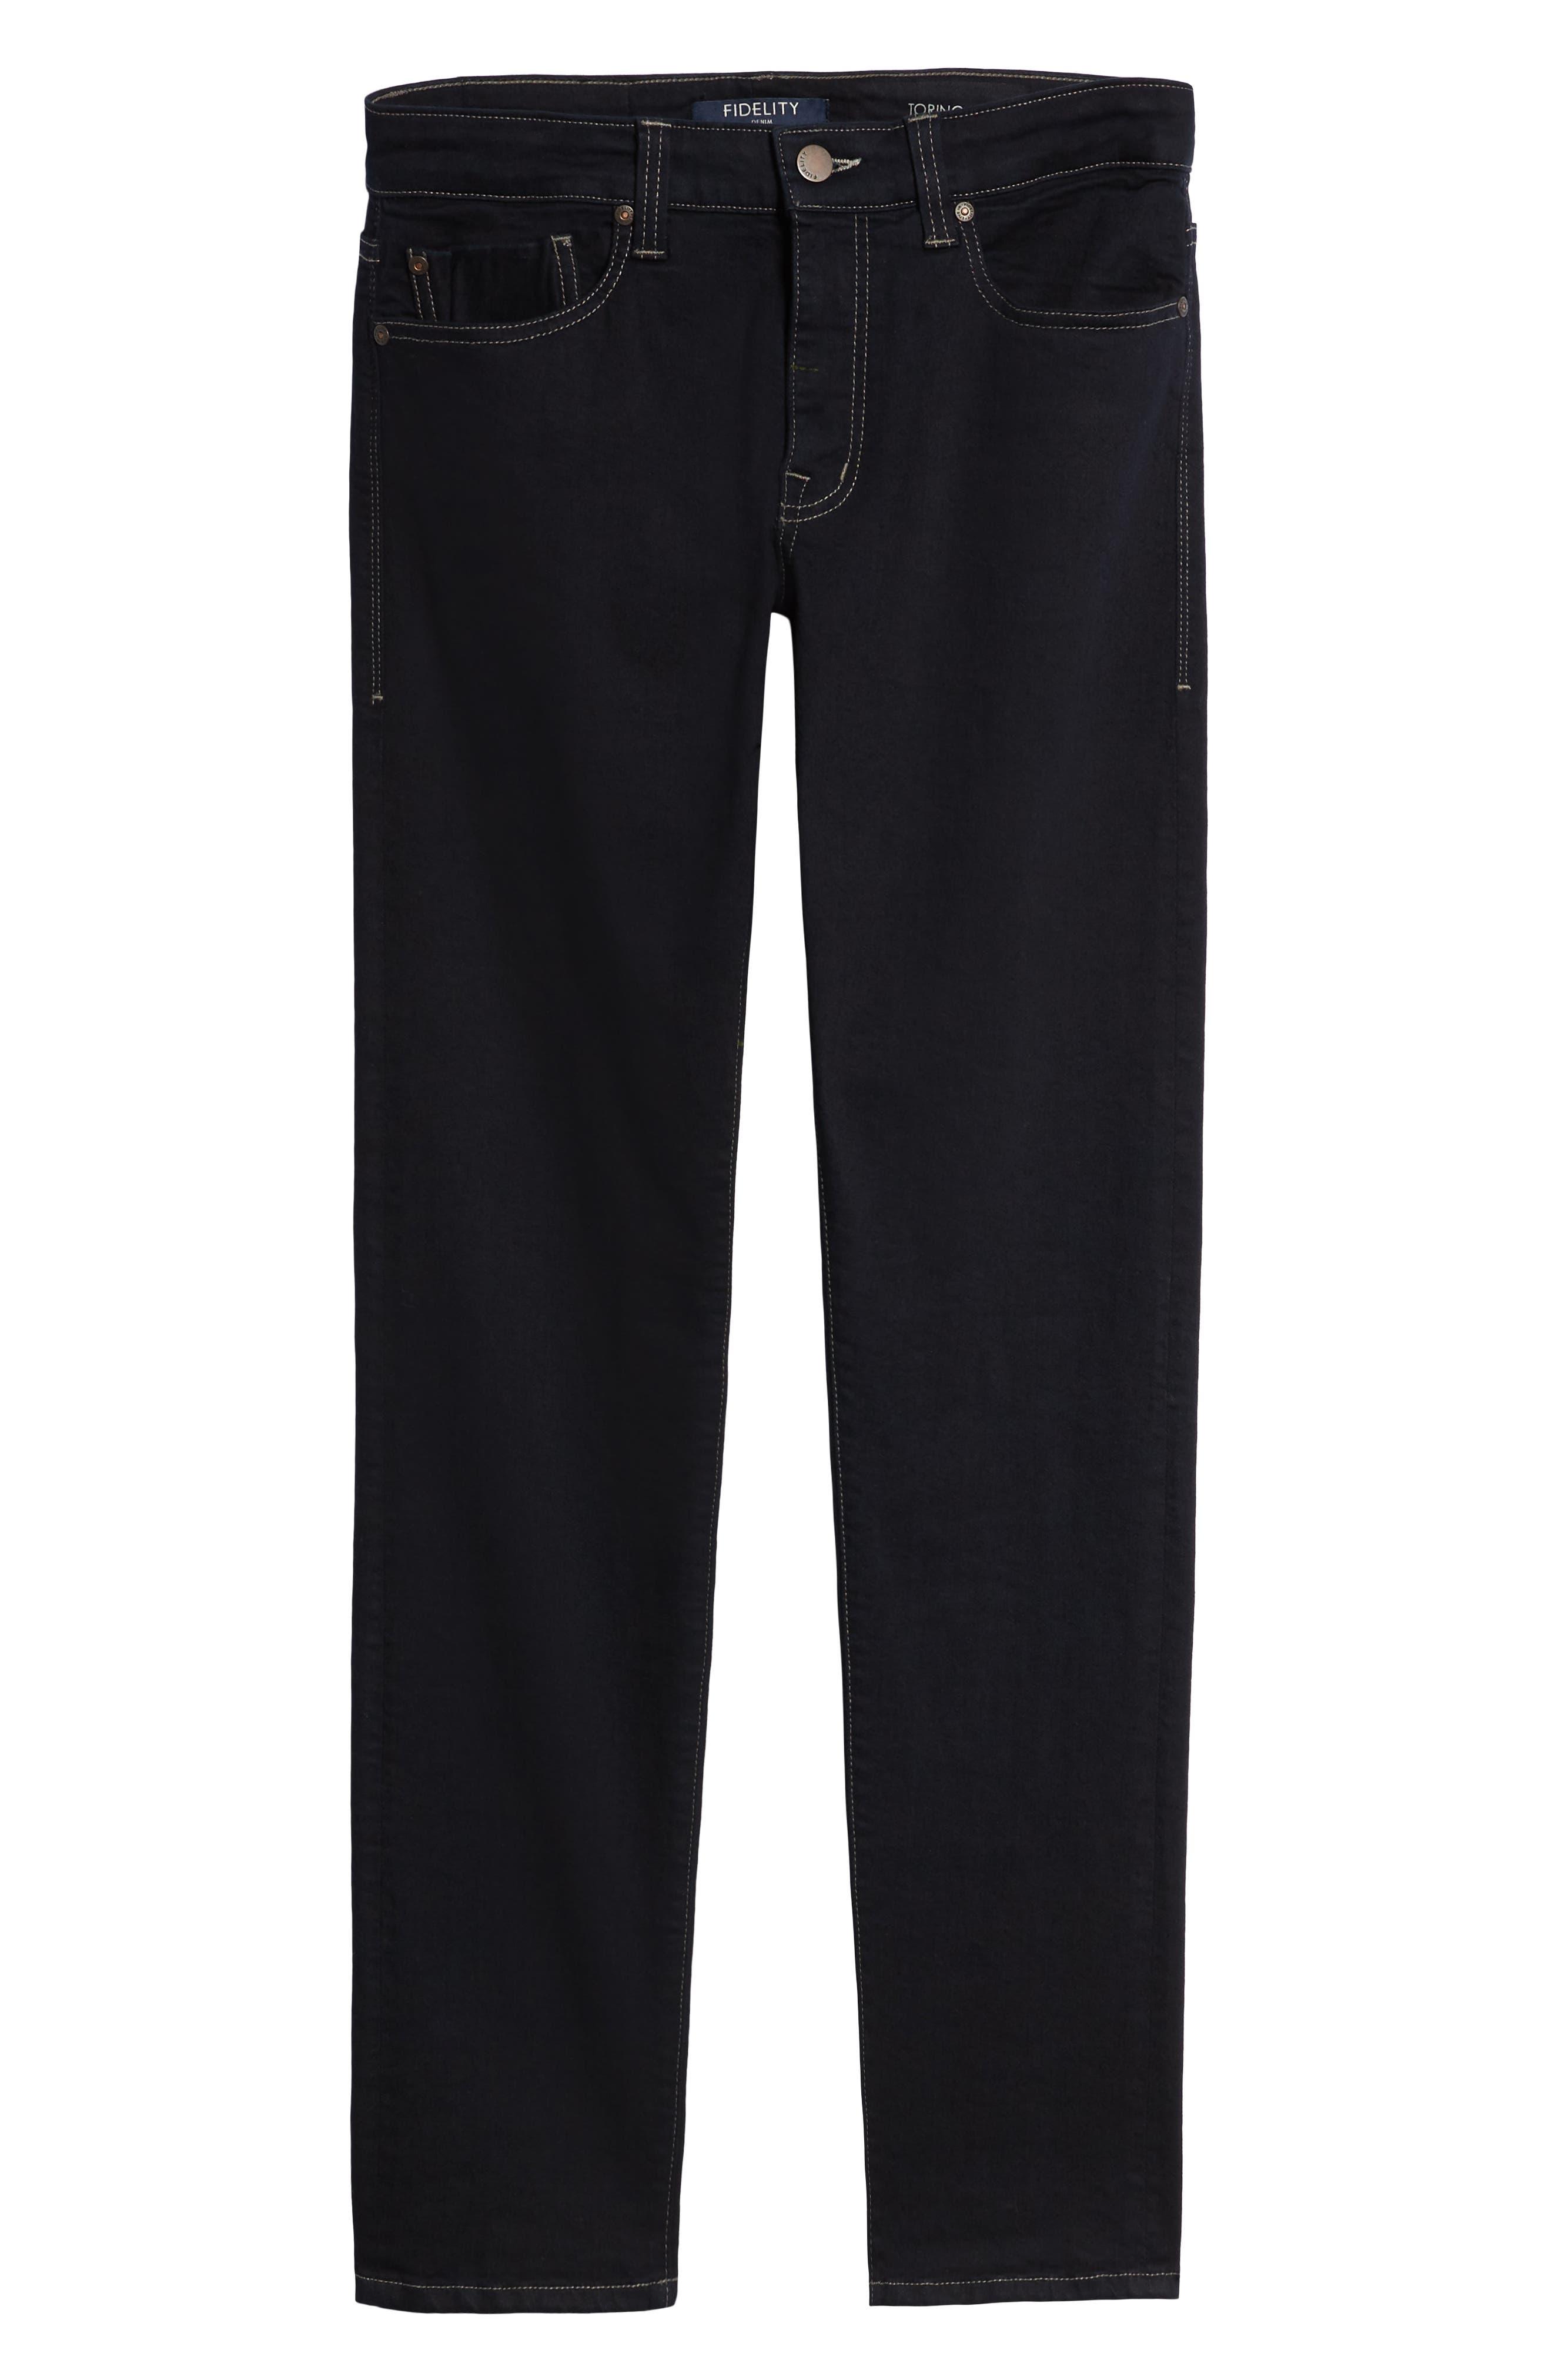 Torino Slim Fit Jeans,                             Alternate thumbnail 6, color,                             AKIRA BLUE